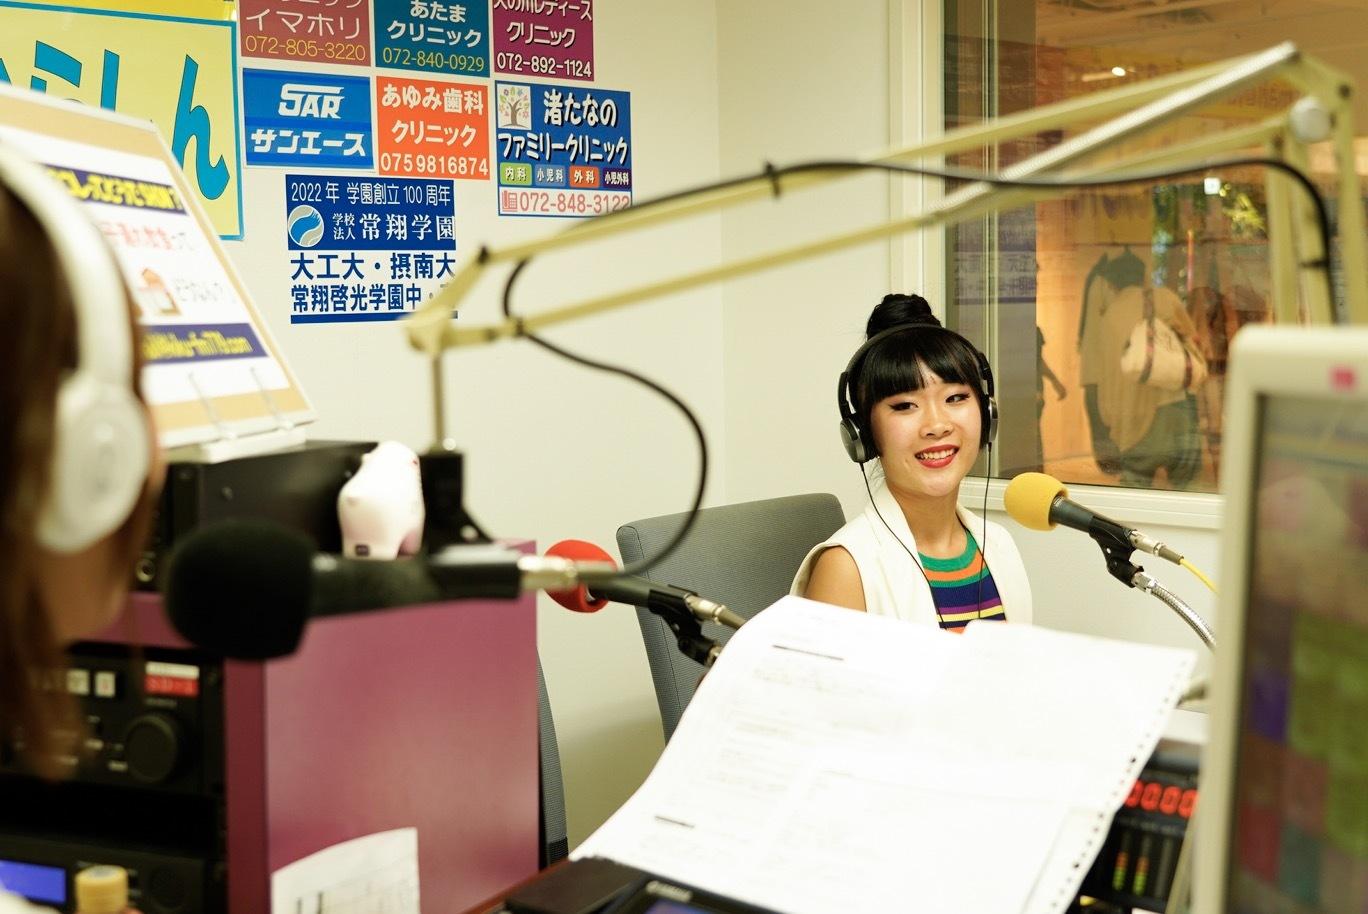 ラジオで話をする女性の写真1